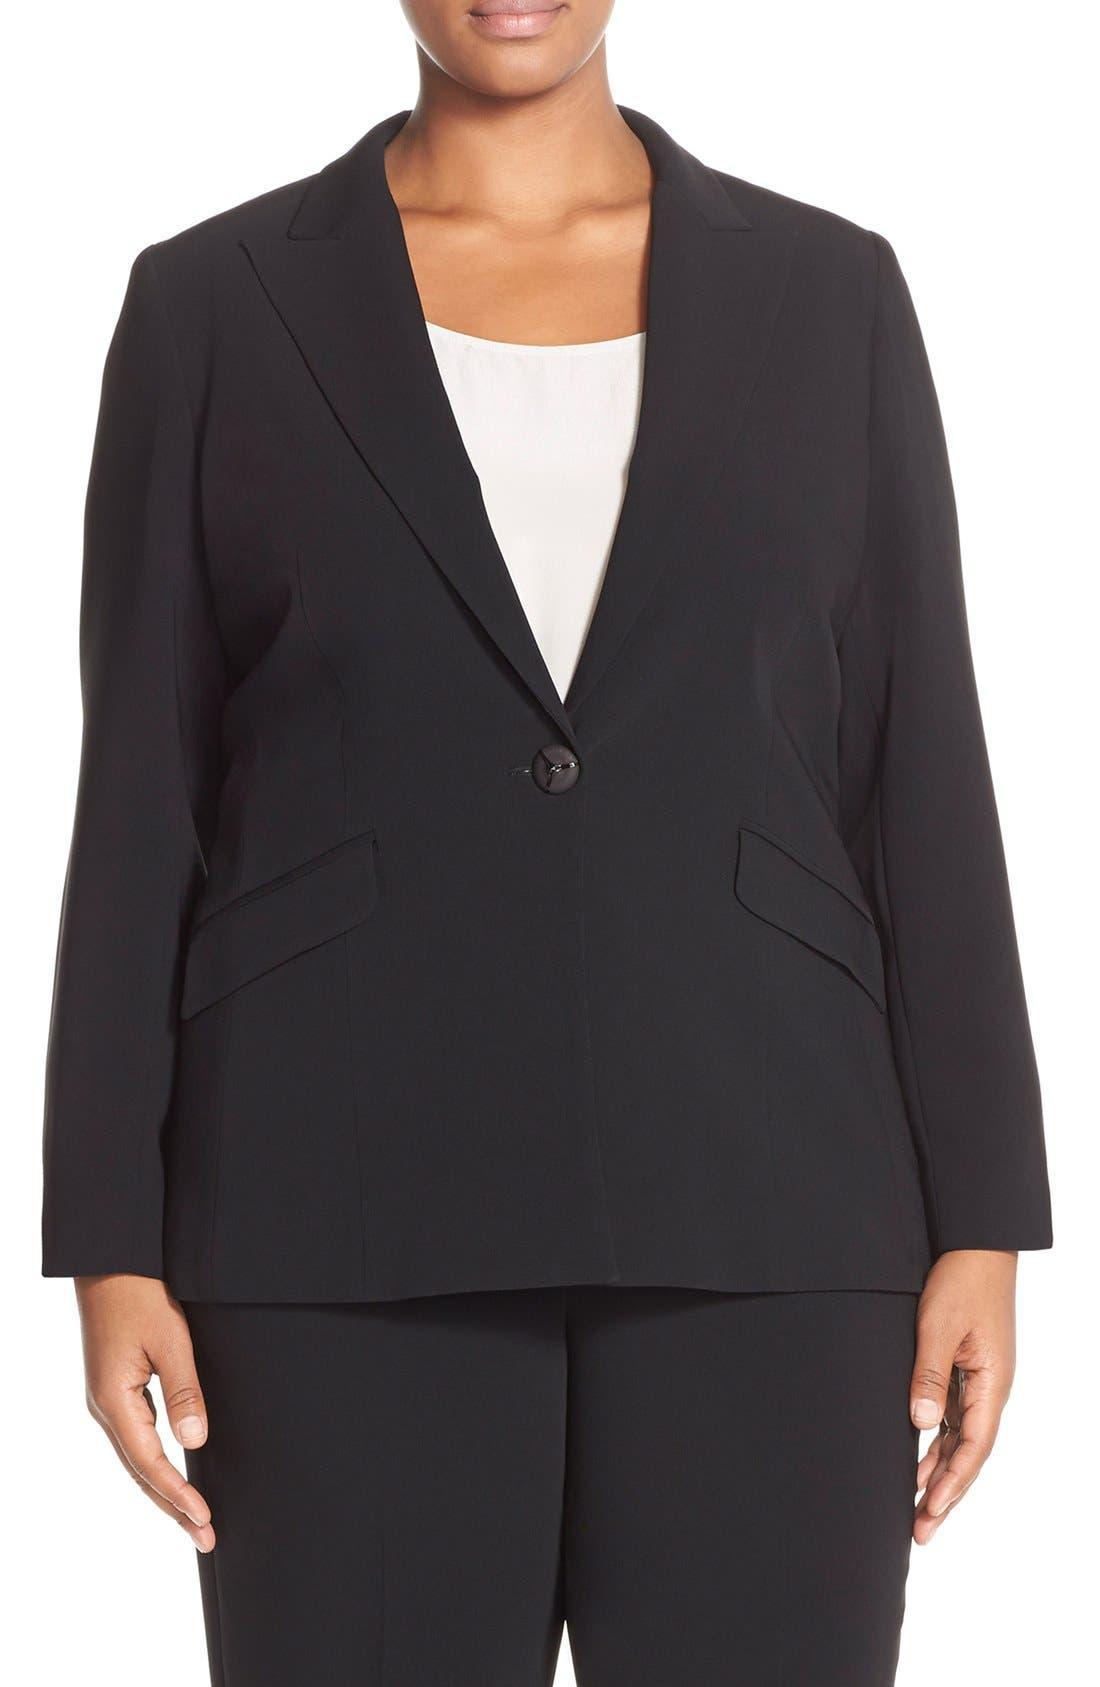 Peak Lapel Suit Jacket,                         Main,                         color, Black